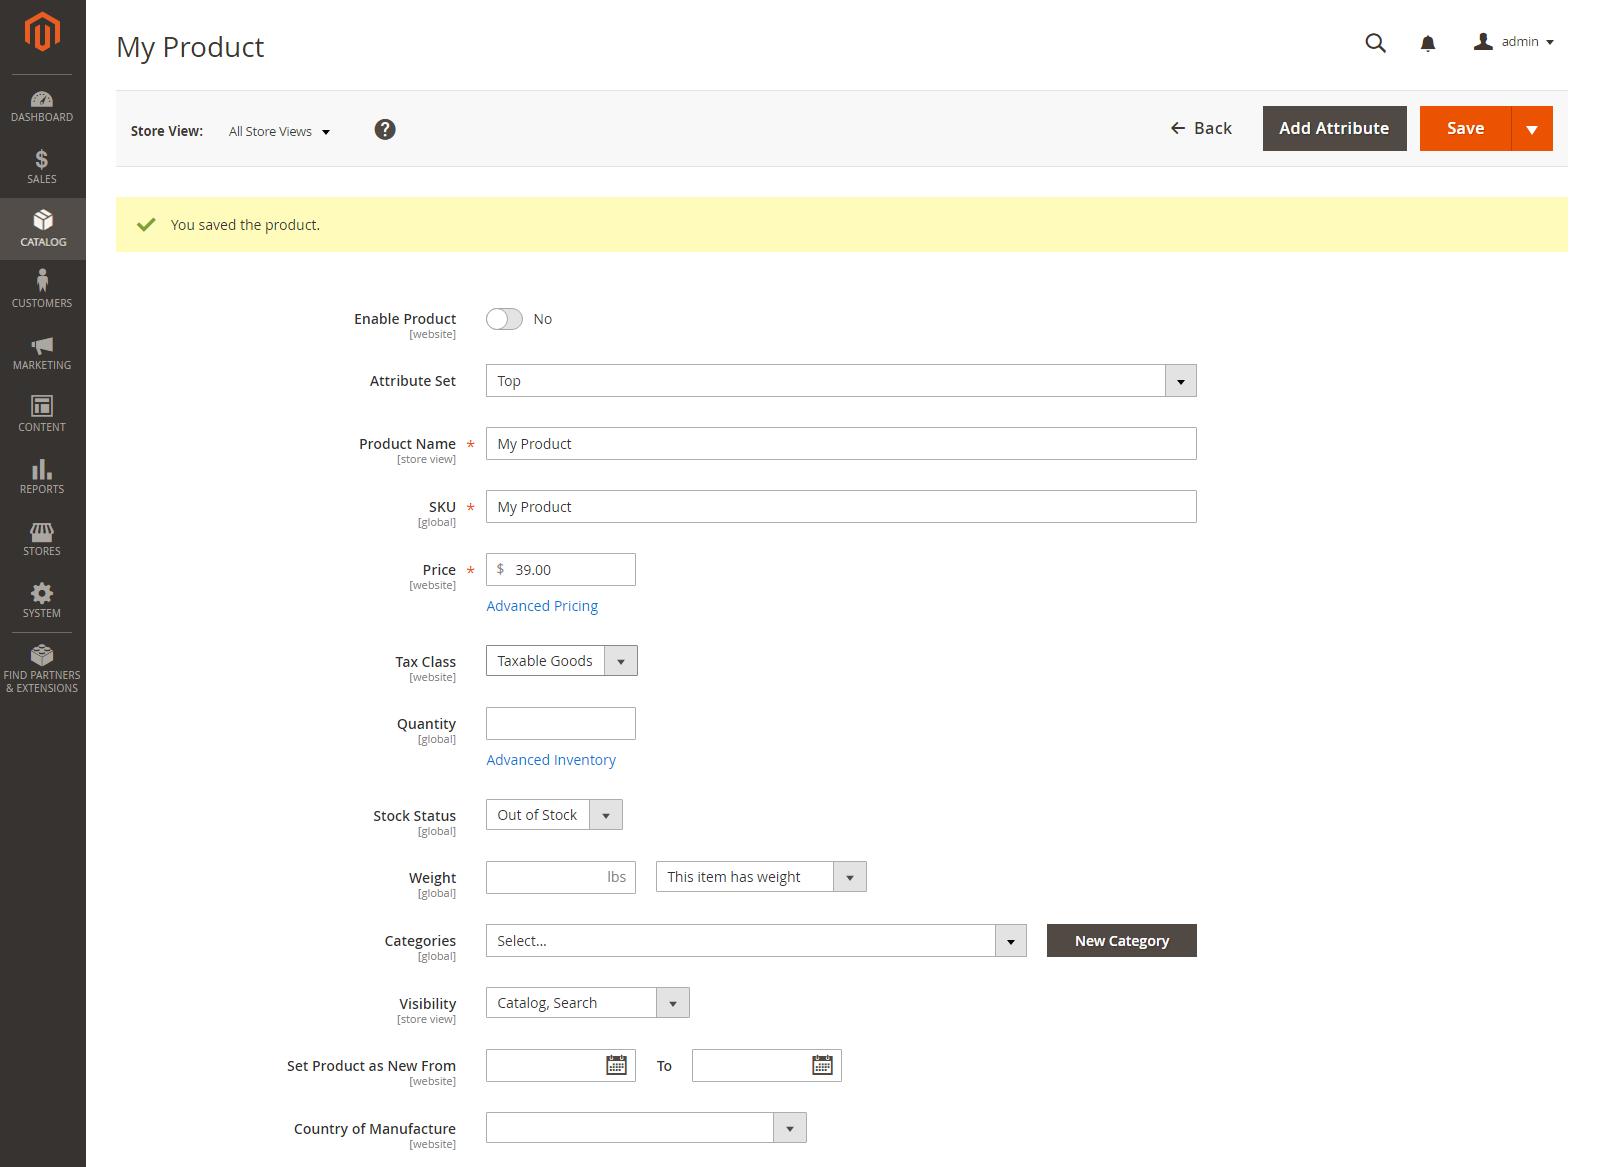 إنشاء منتج ذو خيارات متعددة (Configurable Product) على متجر ماجنتو 2